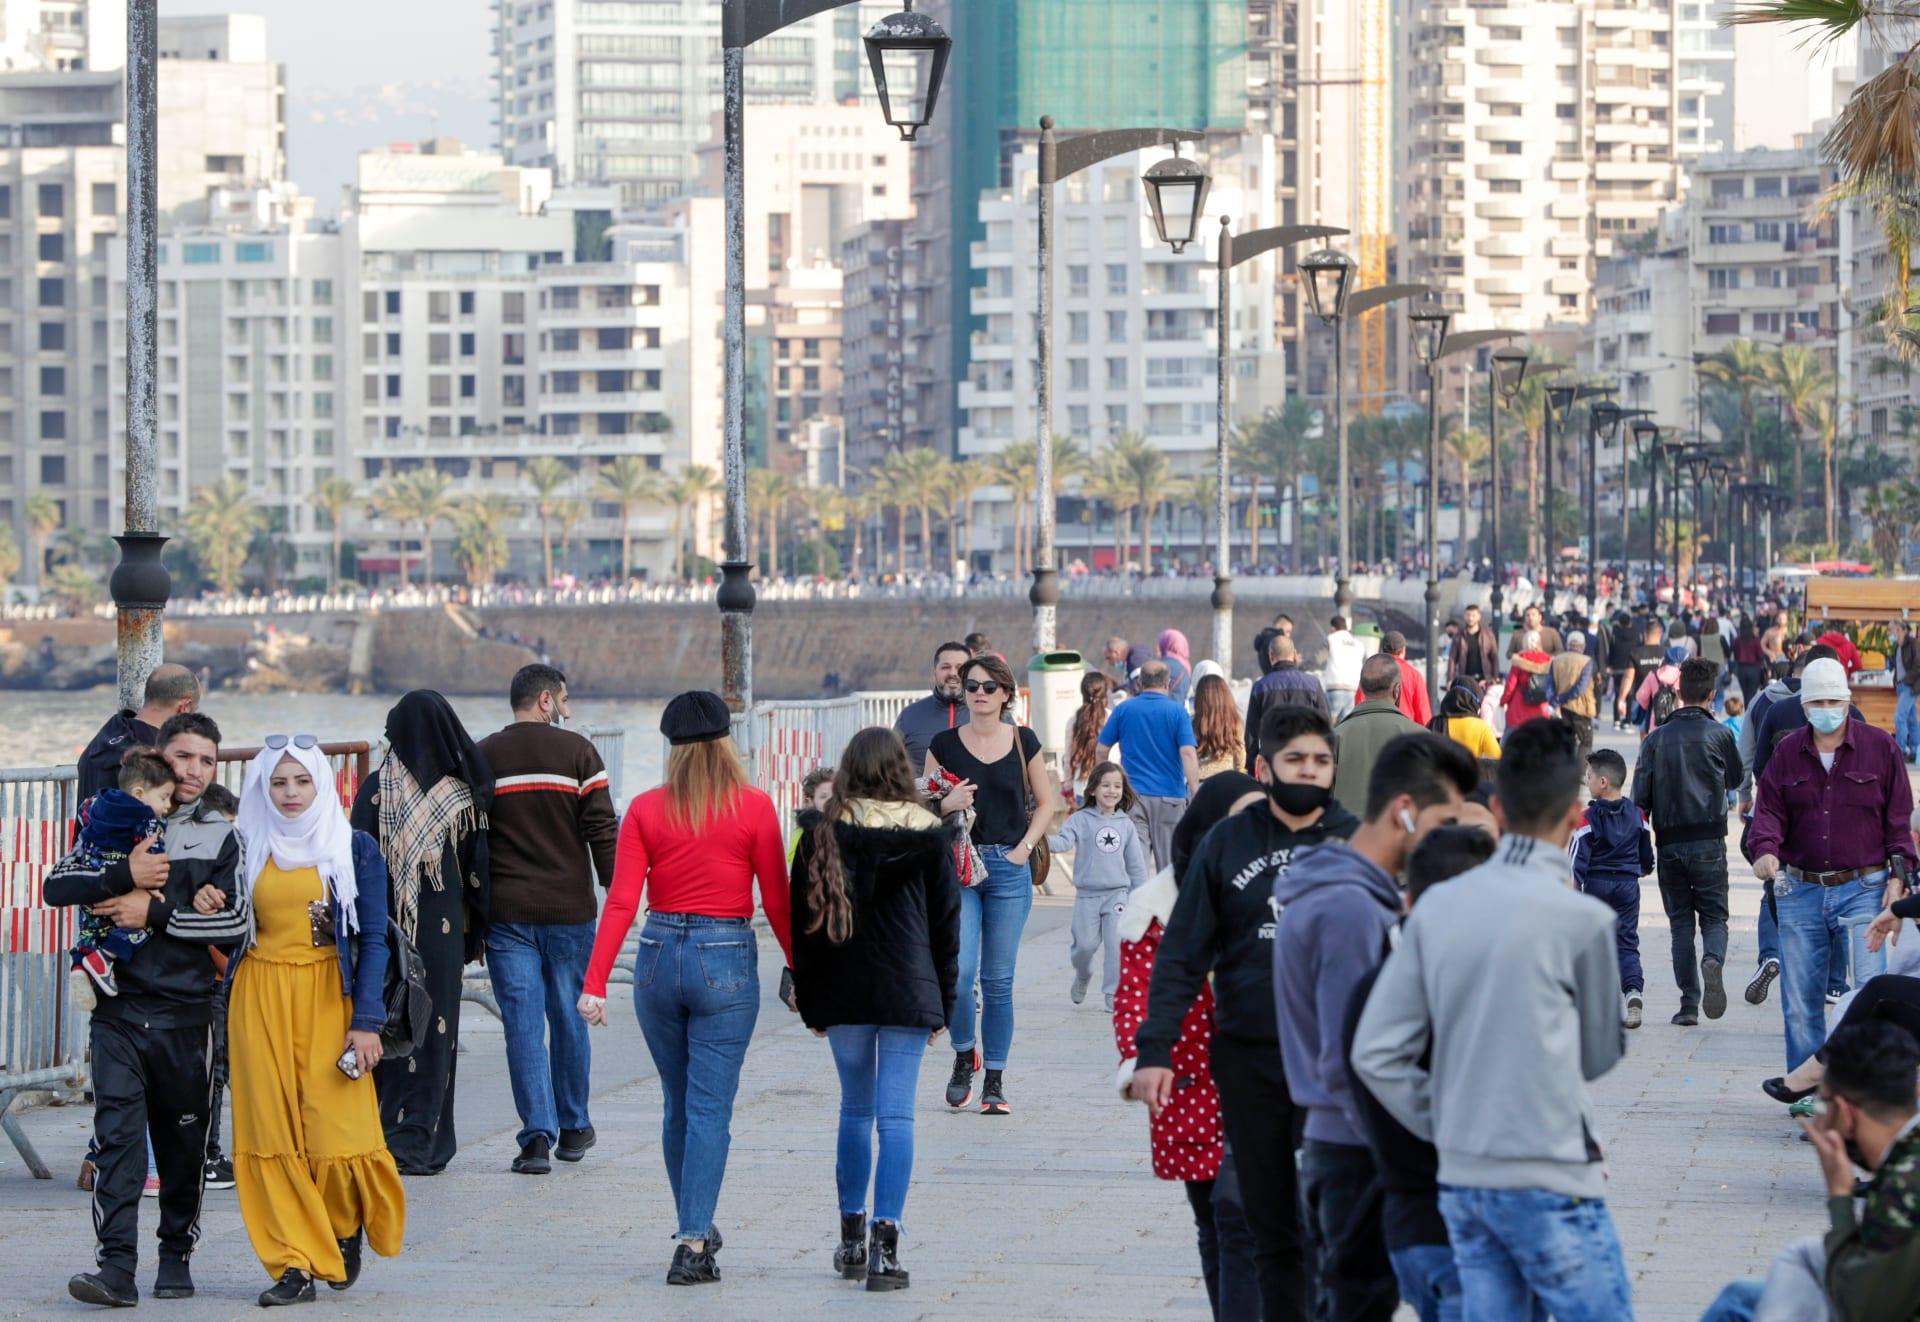 لبنان يدخل إغلاقا تاماً حتى 1 فبراير لعدم قدرة المستشفيات على قبول حالات كورونا جديدة